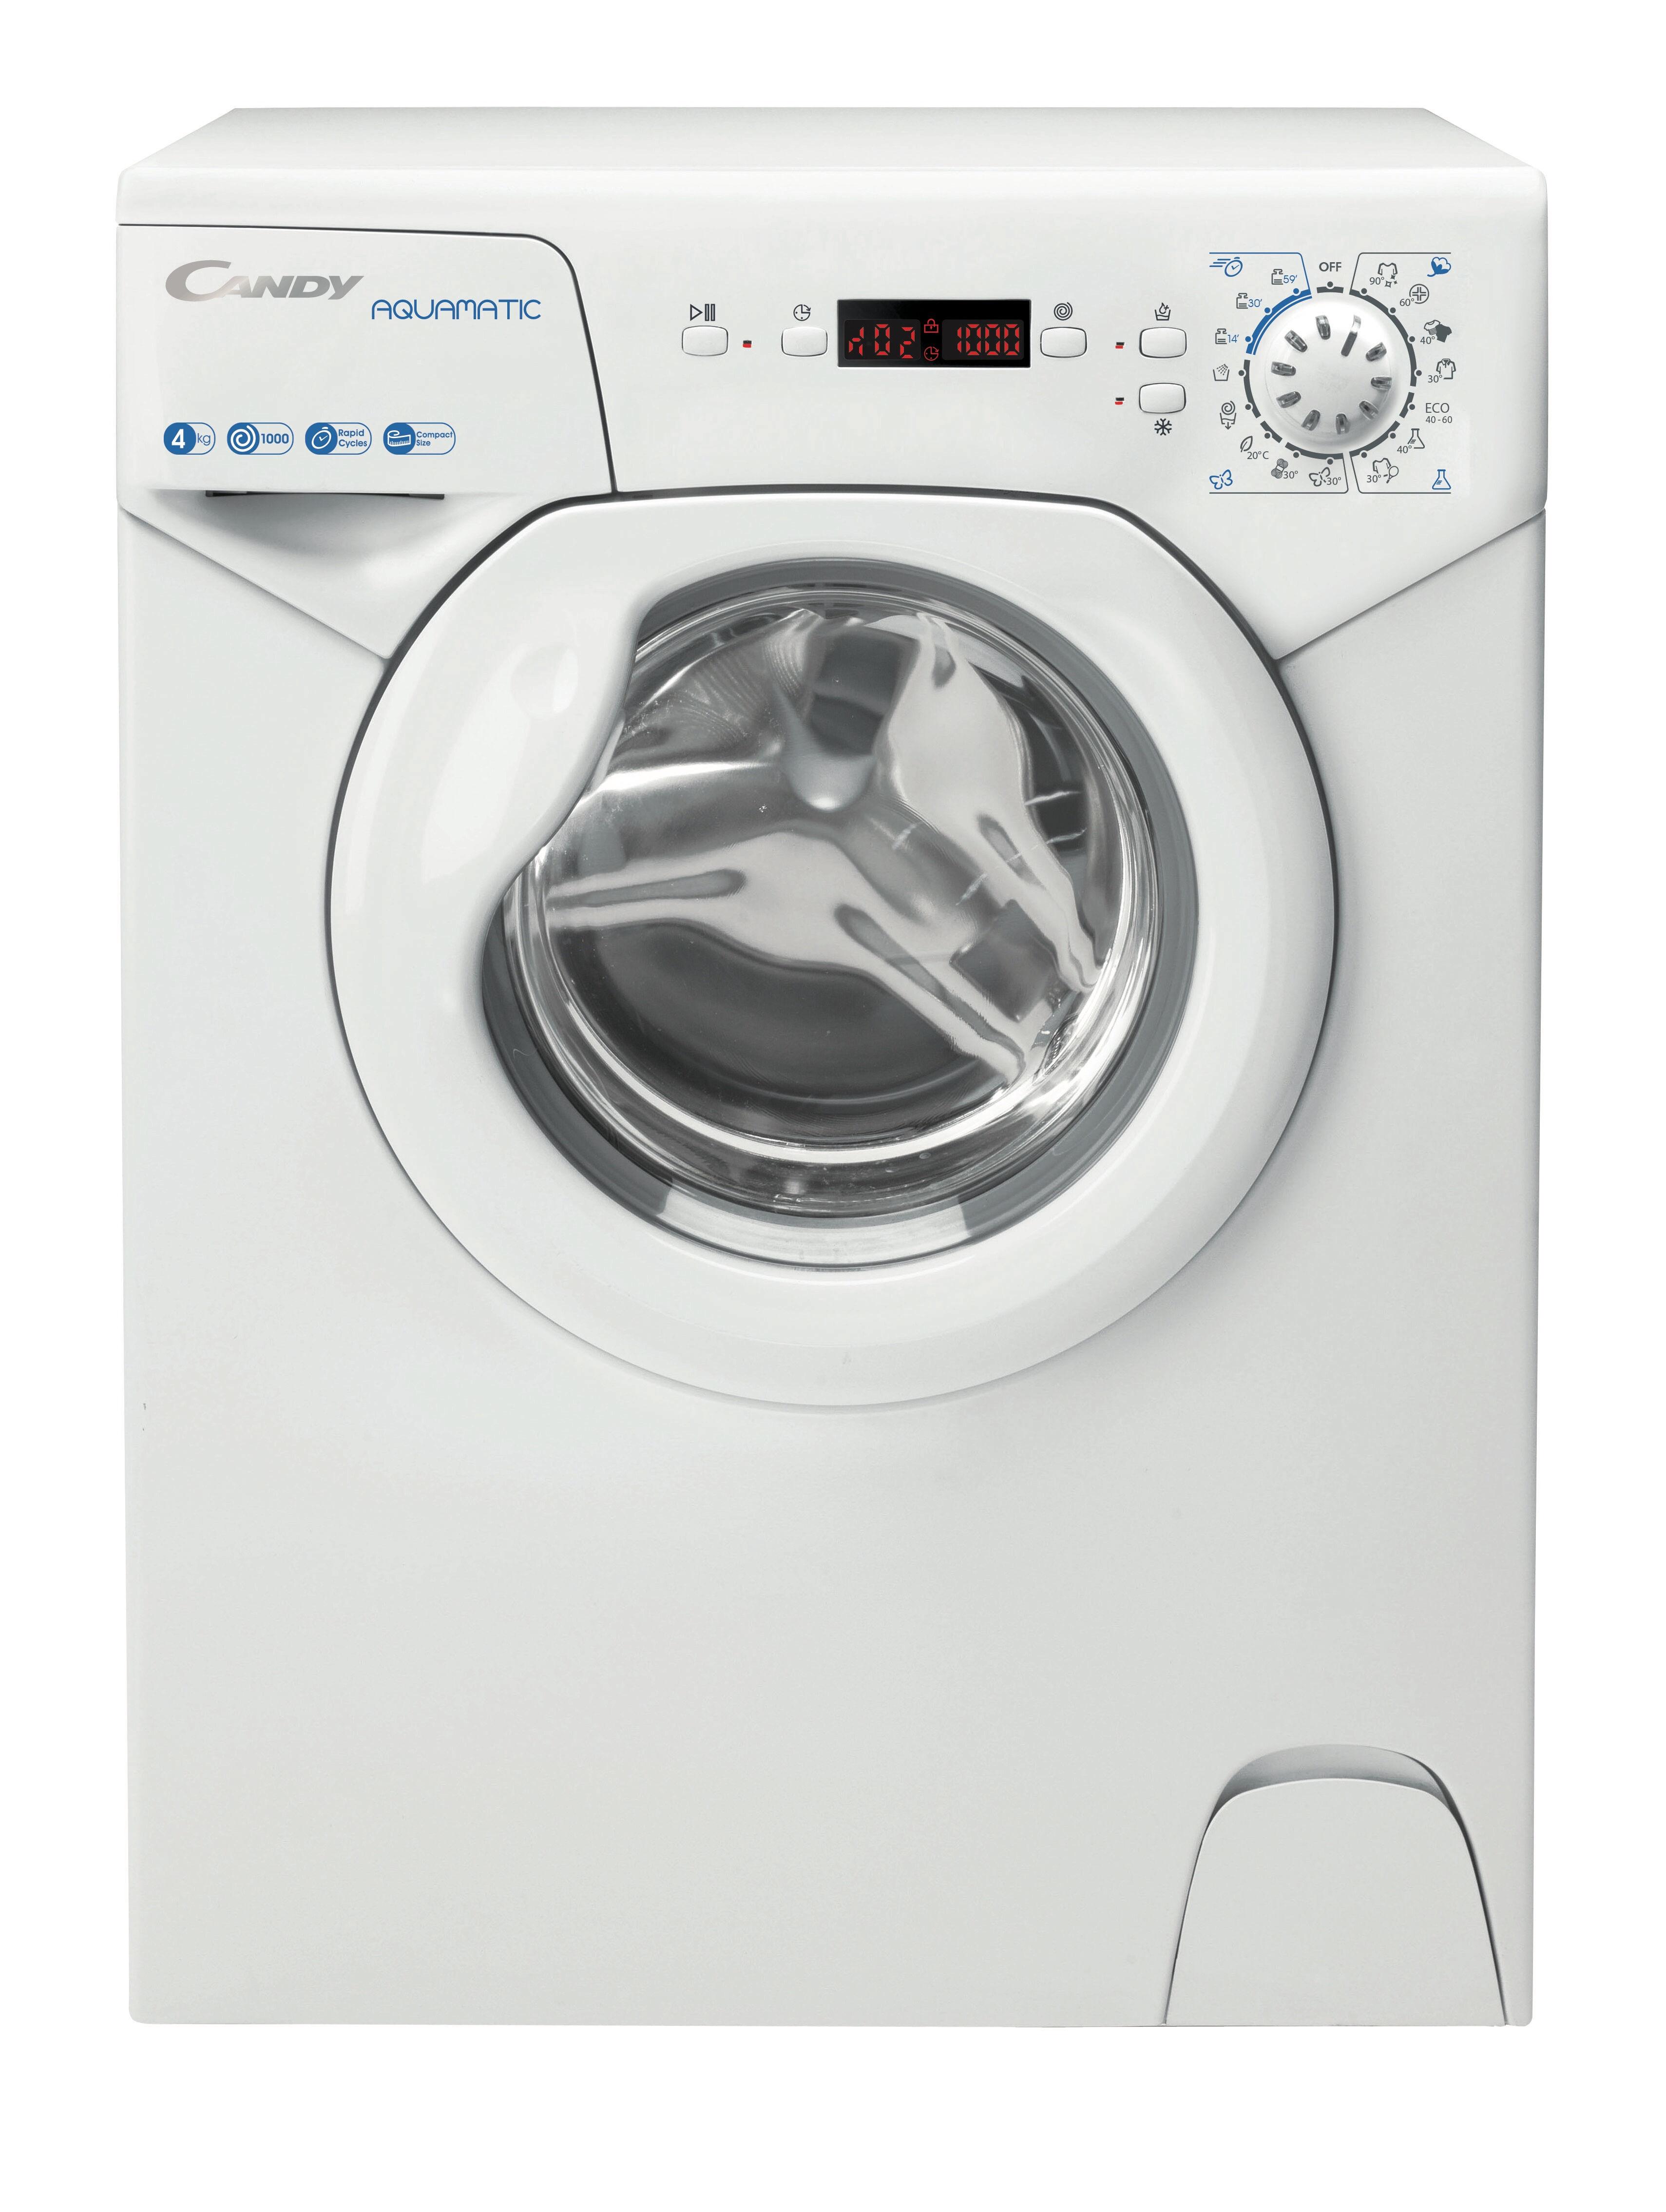 Candy AQUA 1042DE/2-S lavatrice Libera installazione Caricamento frontale 4 kg 1000 Giri/min F Bianco